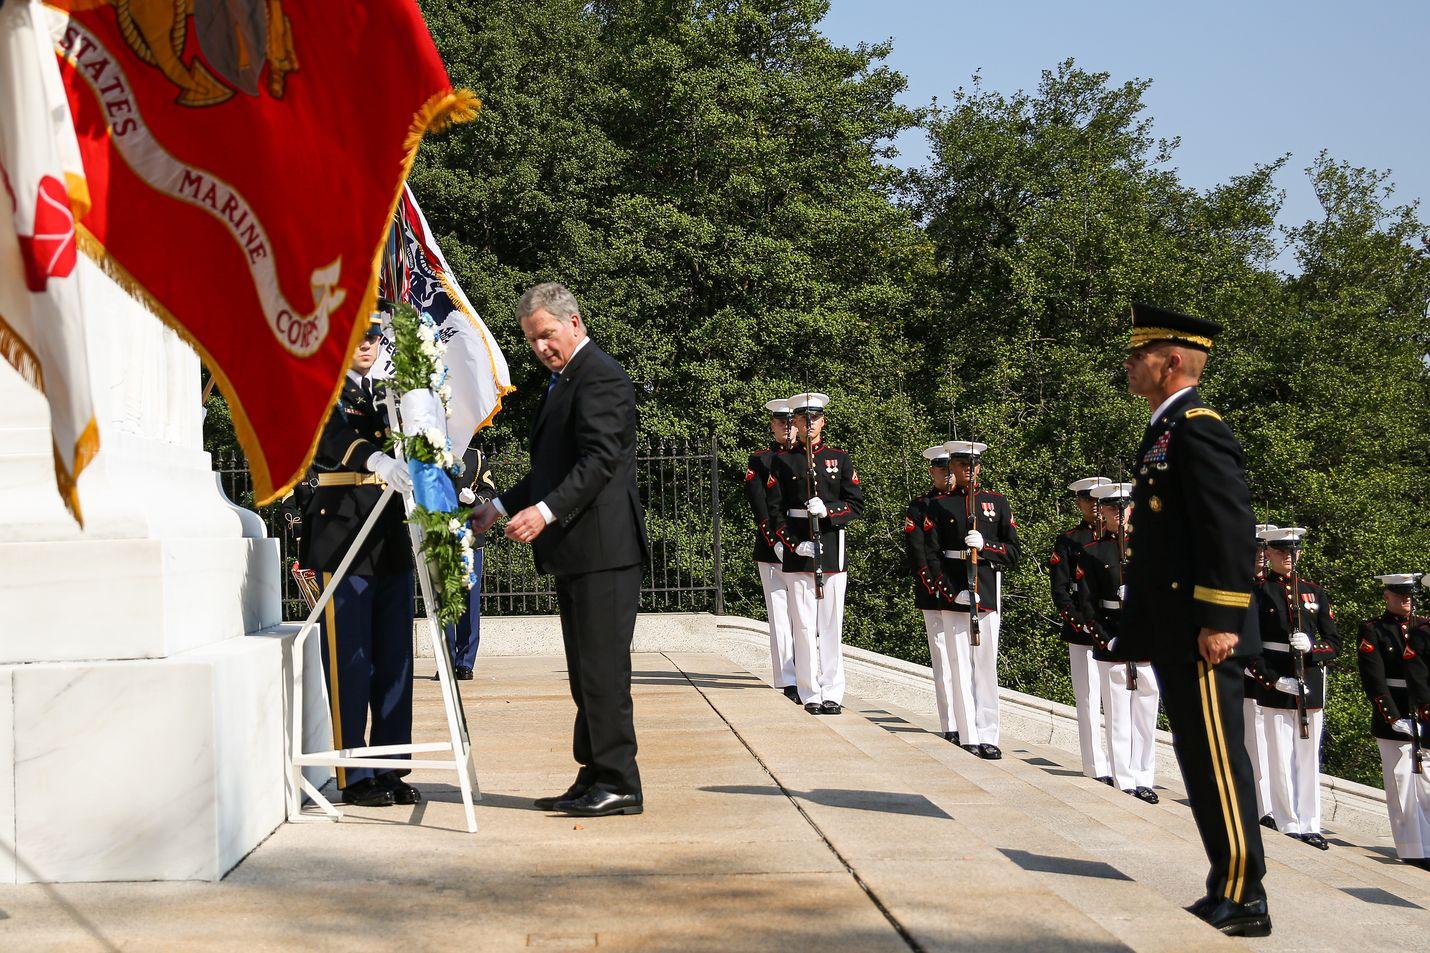 Tasavallan presidentti Presidentti Sauli Niinistö laski tiistaina tuntemattoman sotilaan haudalle sinivalkoisin kukkasin ja nauhoin koristellun seppeleen. Keskiviikkona Niinistö tapaa Yhdysvaltojen presidentin